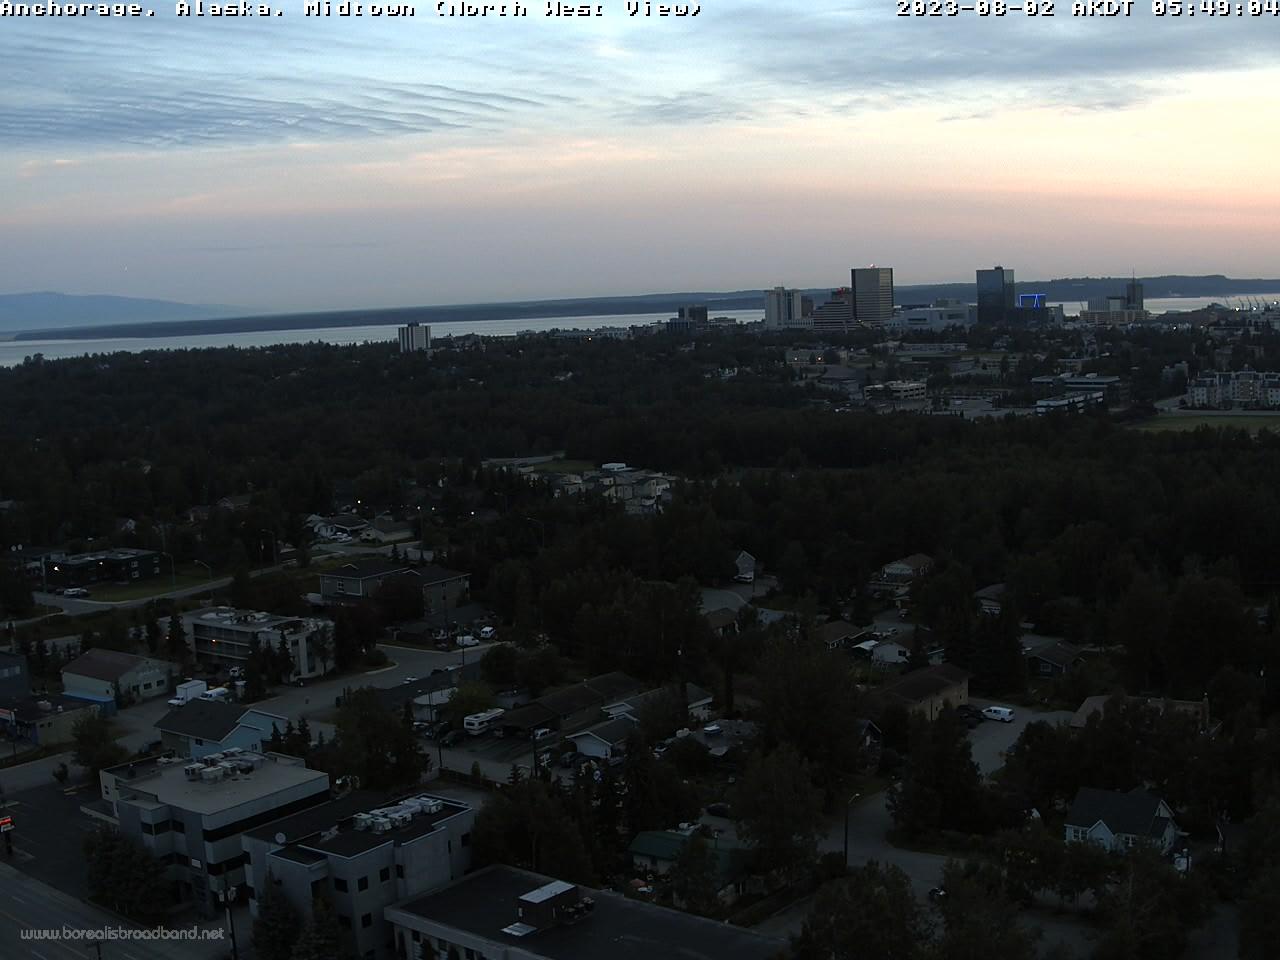 Anchorage, Alaska Fri. 05:49